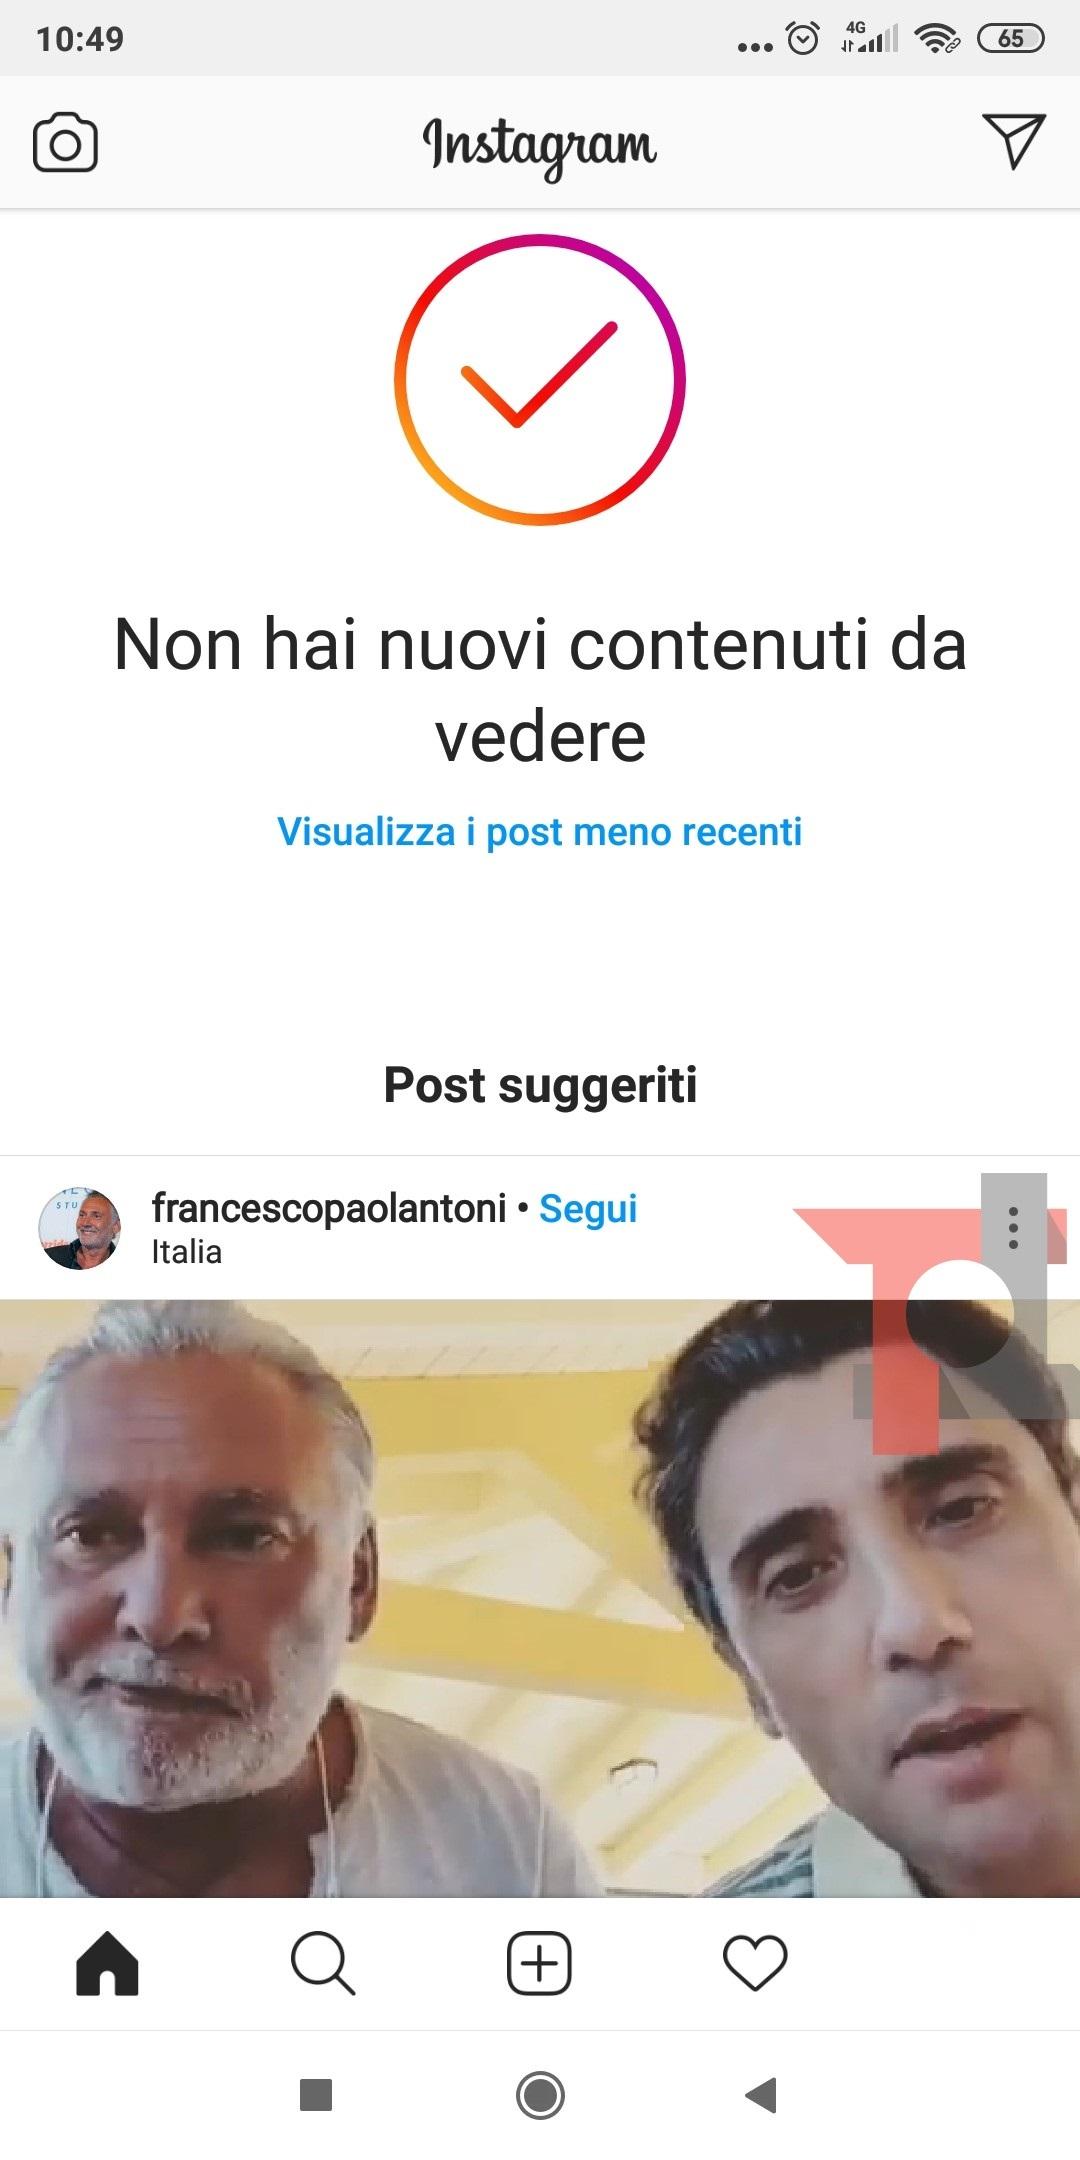 Instagram aggiunge i post suggeriti alla fine del feed 1